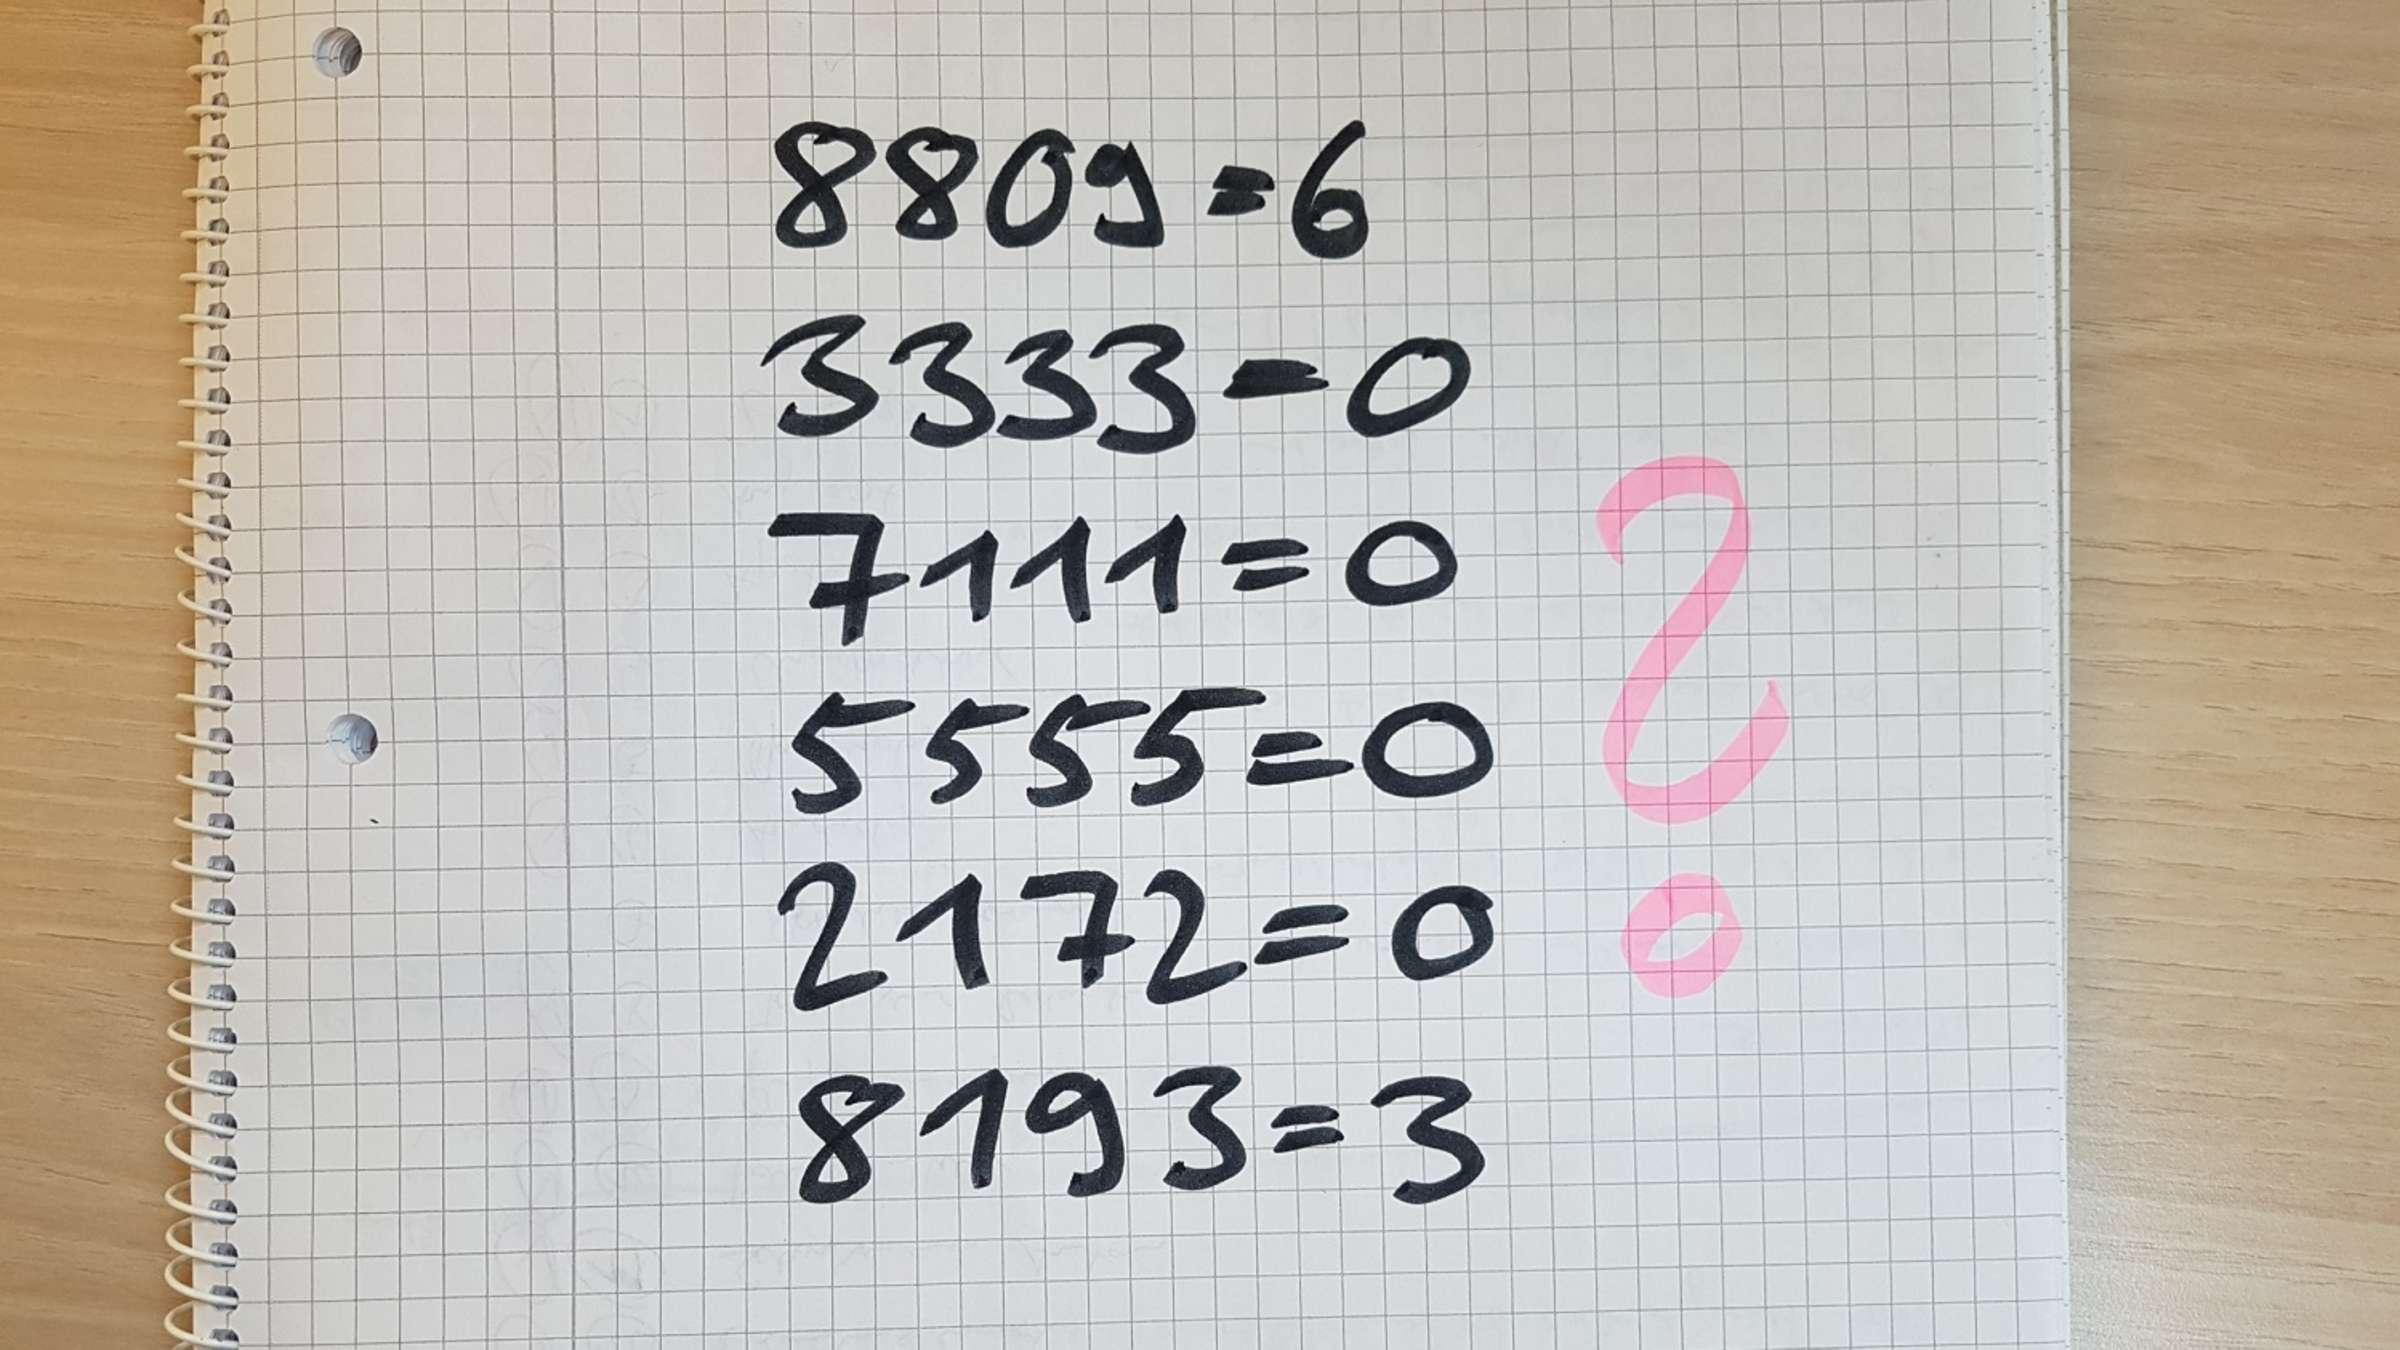 Rätsel Lösen Vorschulkinder In Zehn Minuten - Erwachsene ganzes Rätsel Für Vorschulkinder